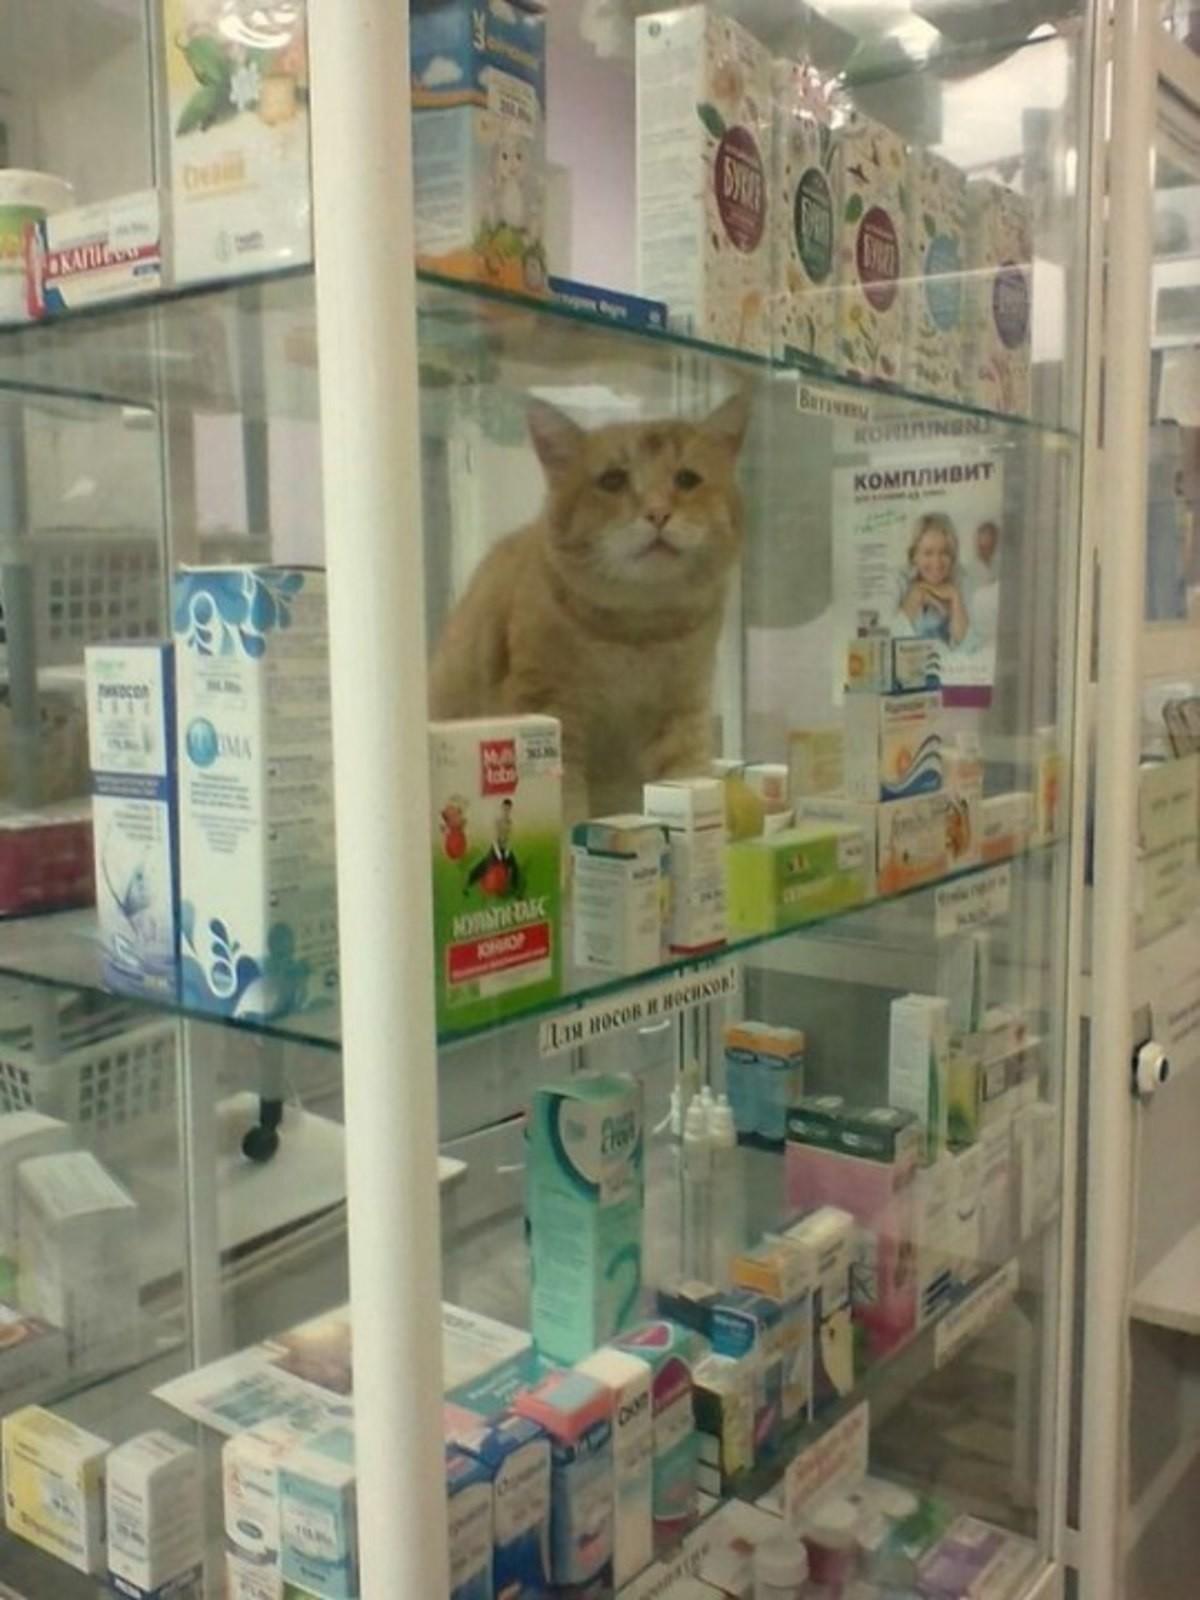 New Antidepressant hits pharmacy shelves. Это такой новый вид антидепрессантов?.. That cat looks pretty depressed though.